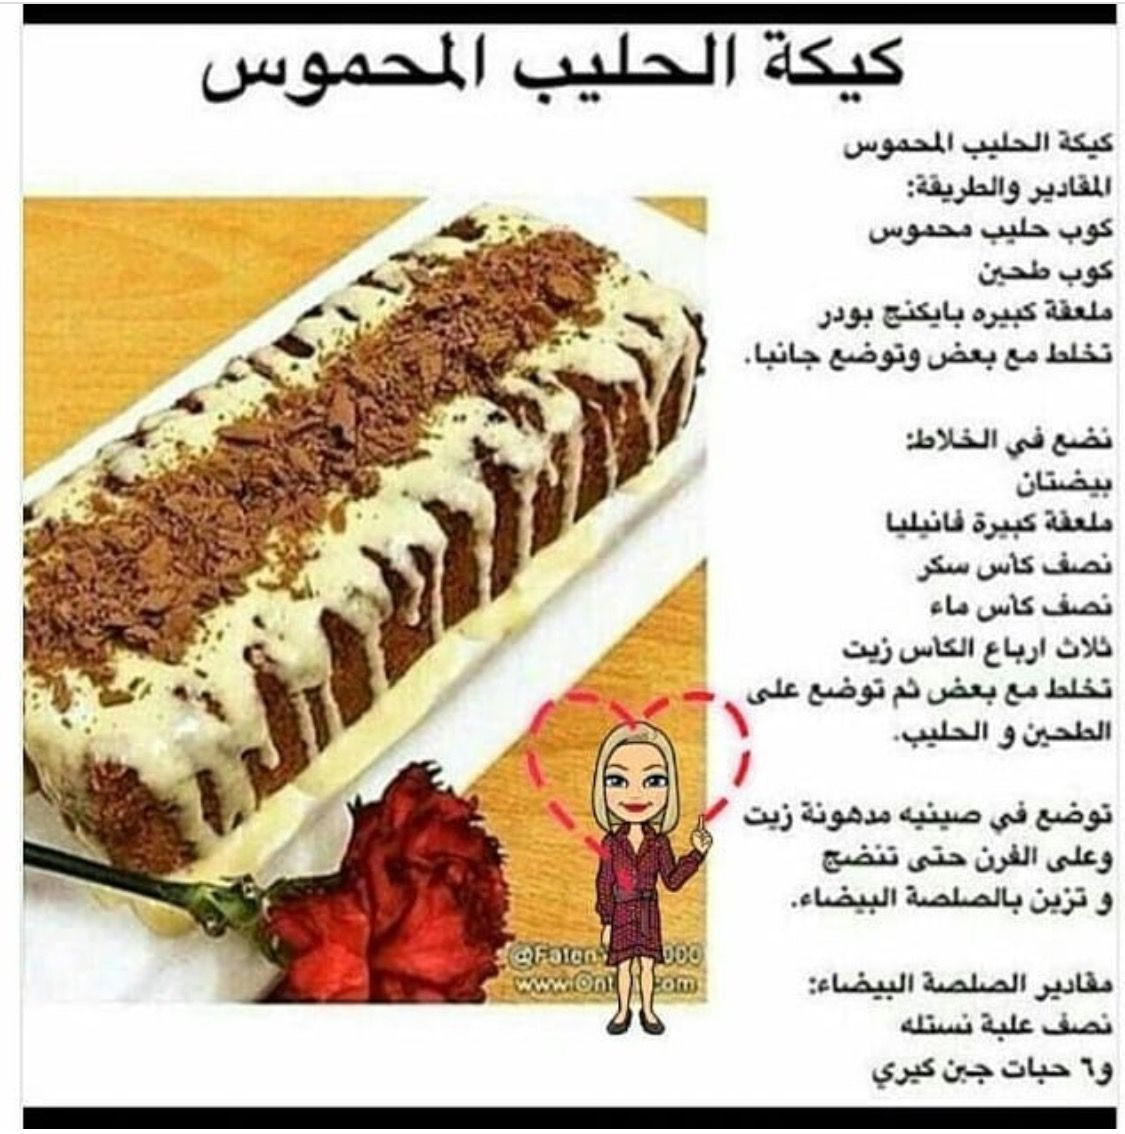 كيكة الحليب المحموس Sweets Recipes Dessert Recipes Yummy Food Dessert